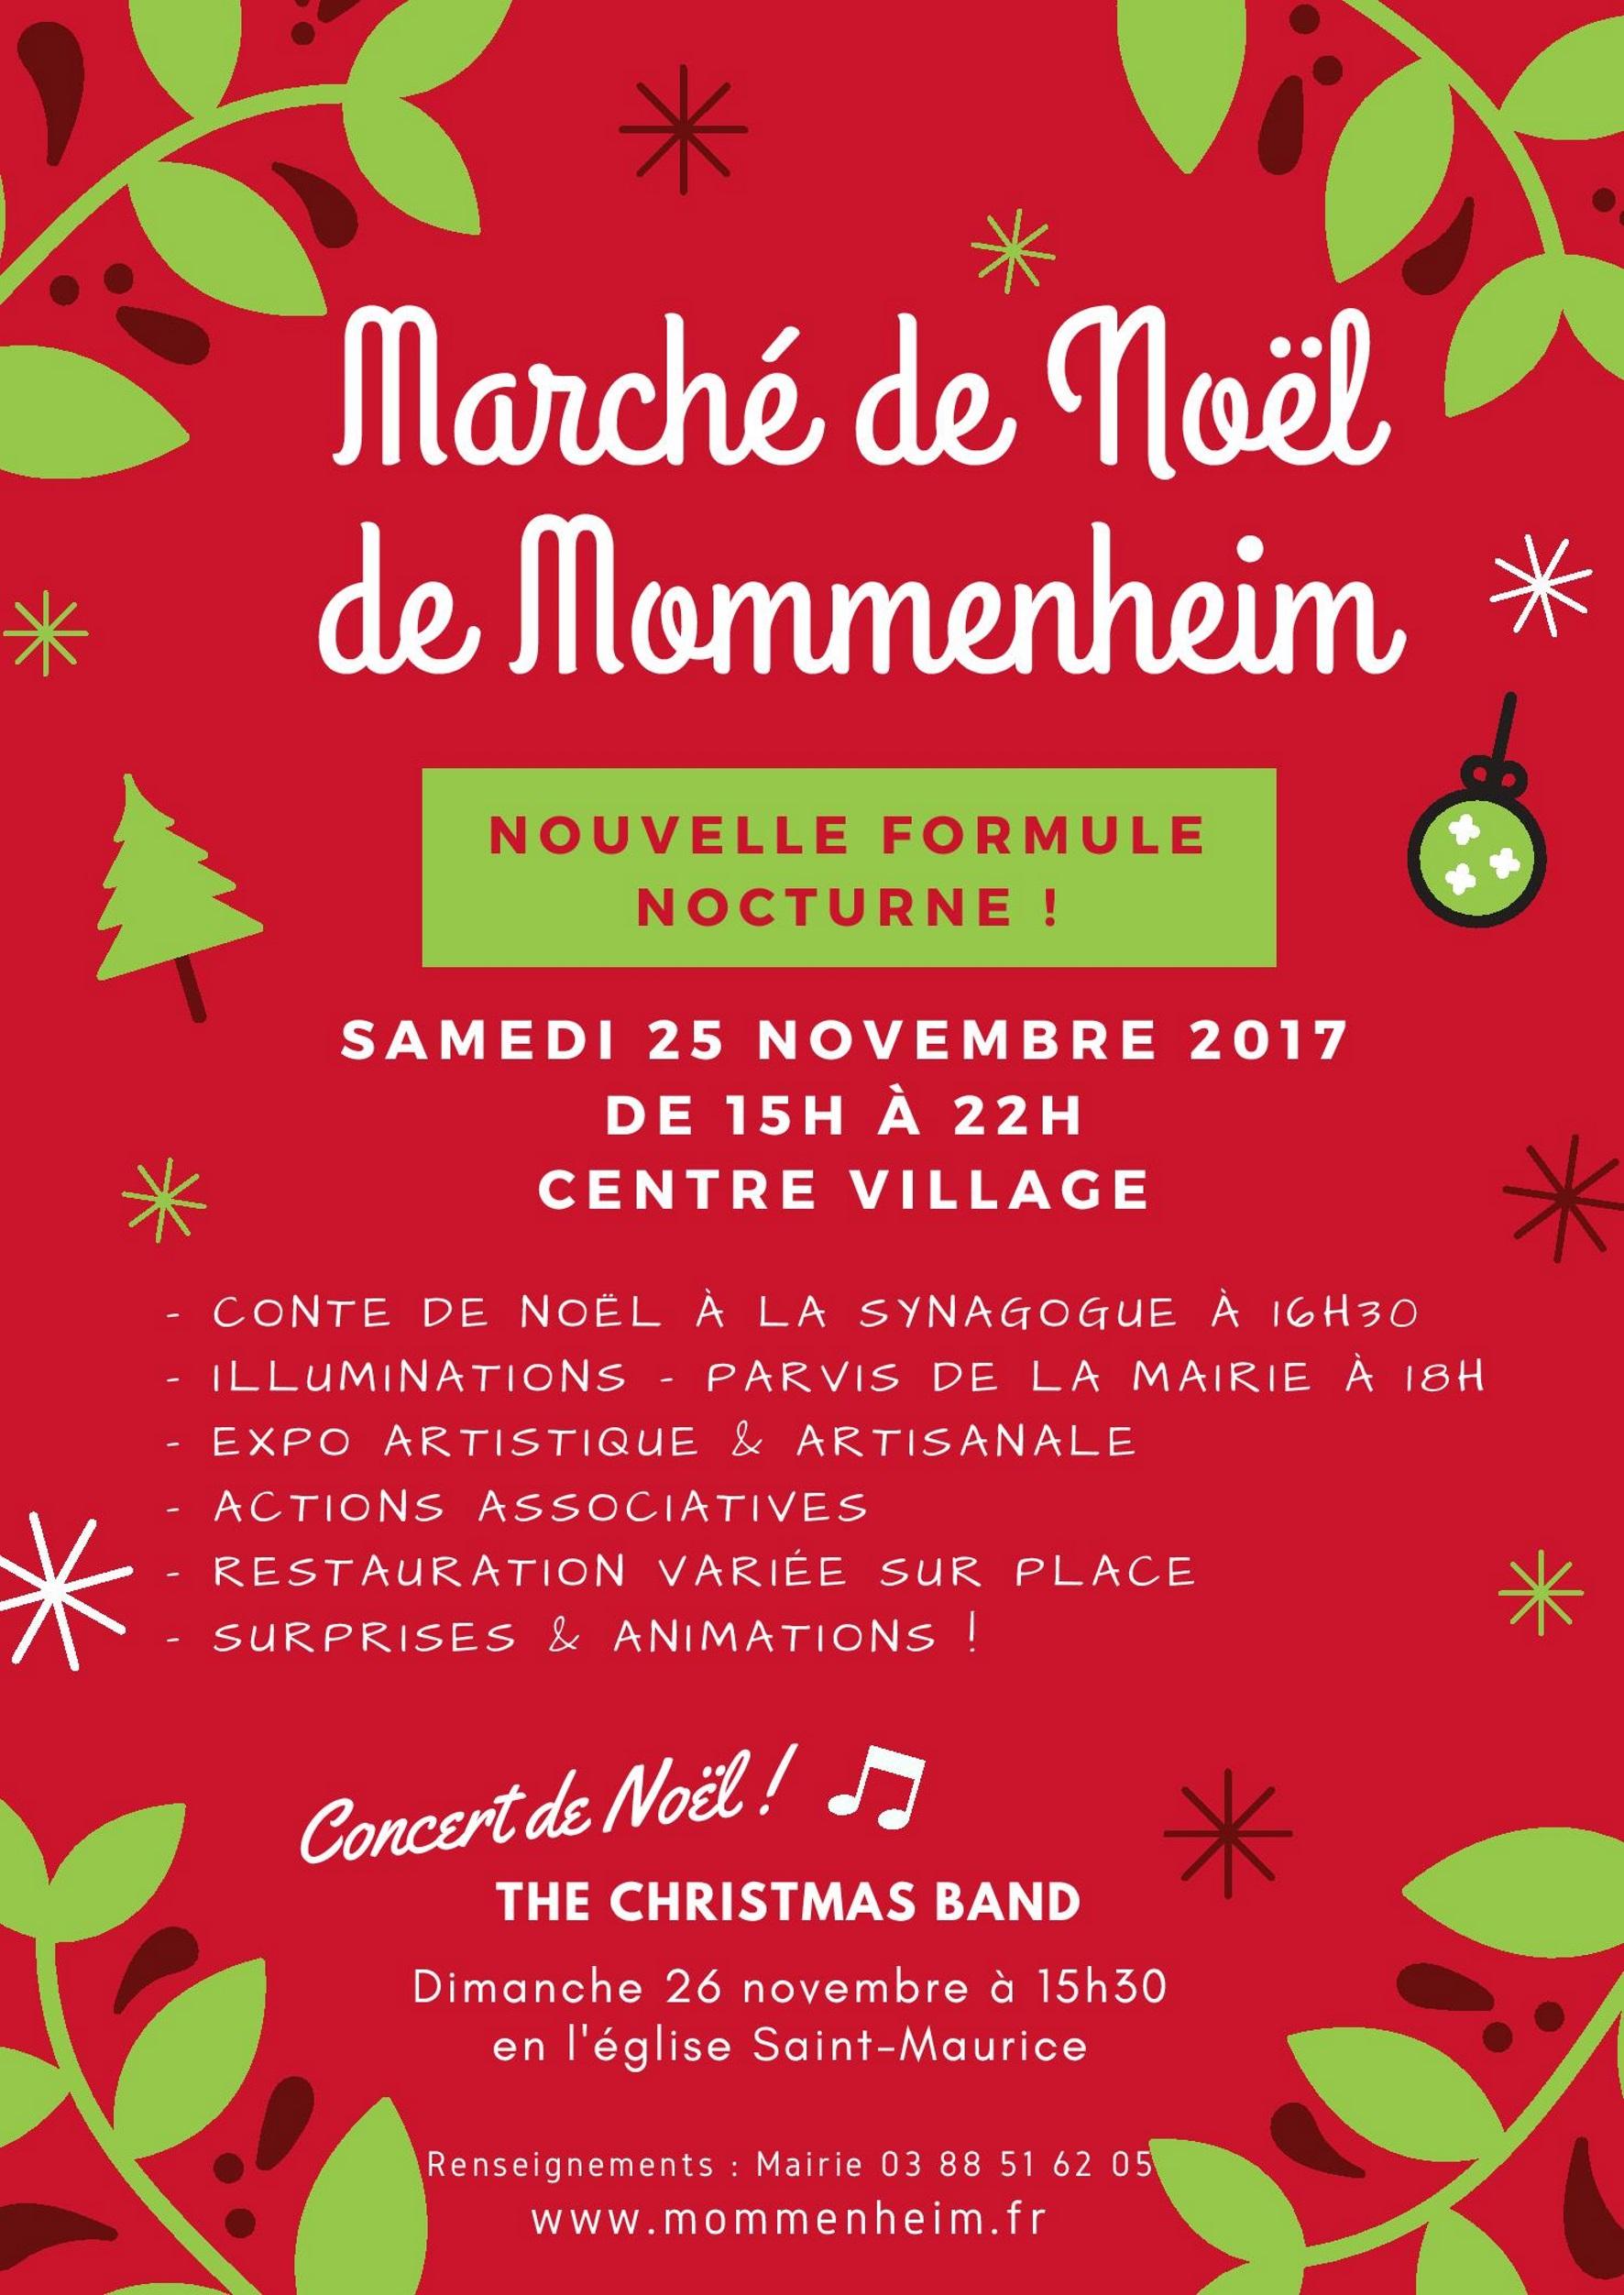 Marché de Noël de Mommenheim